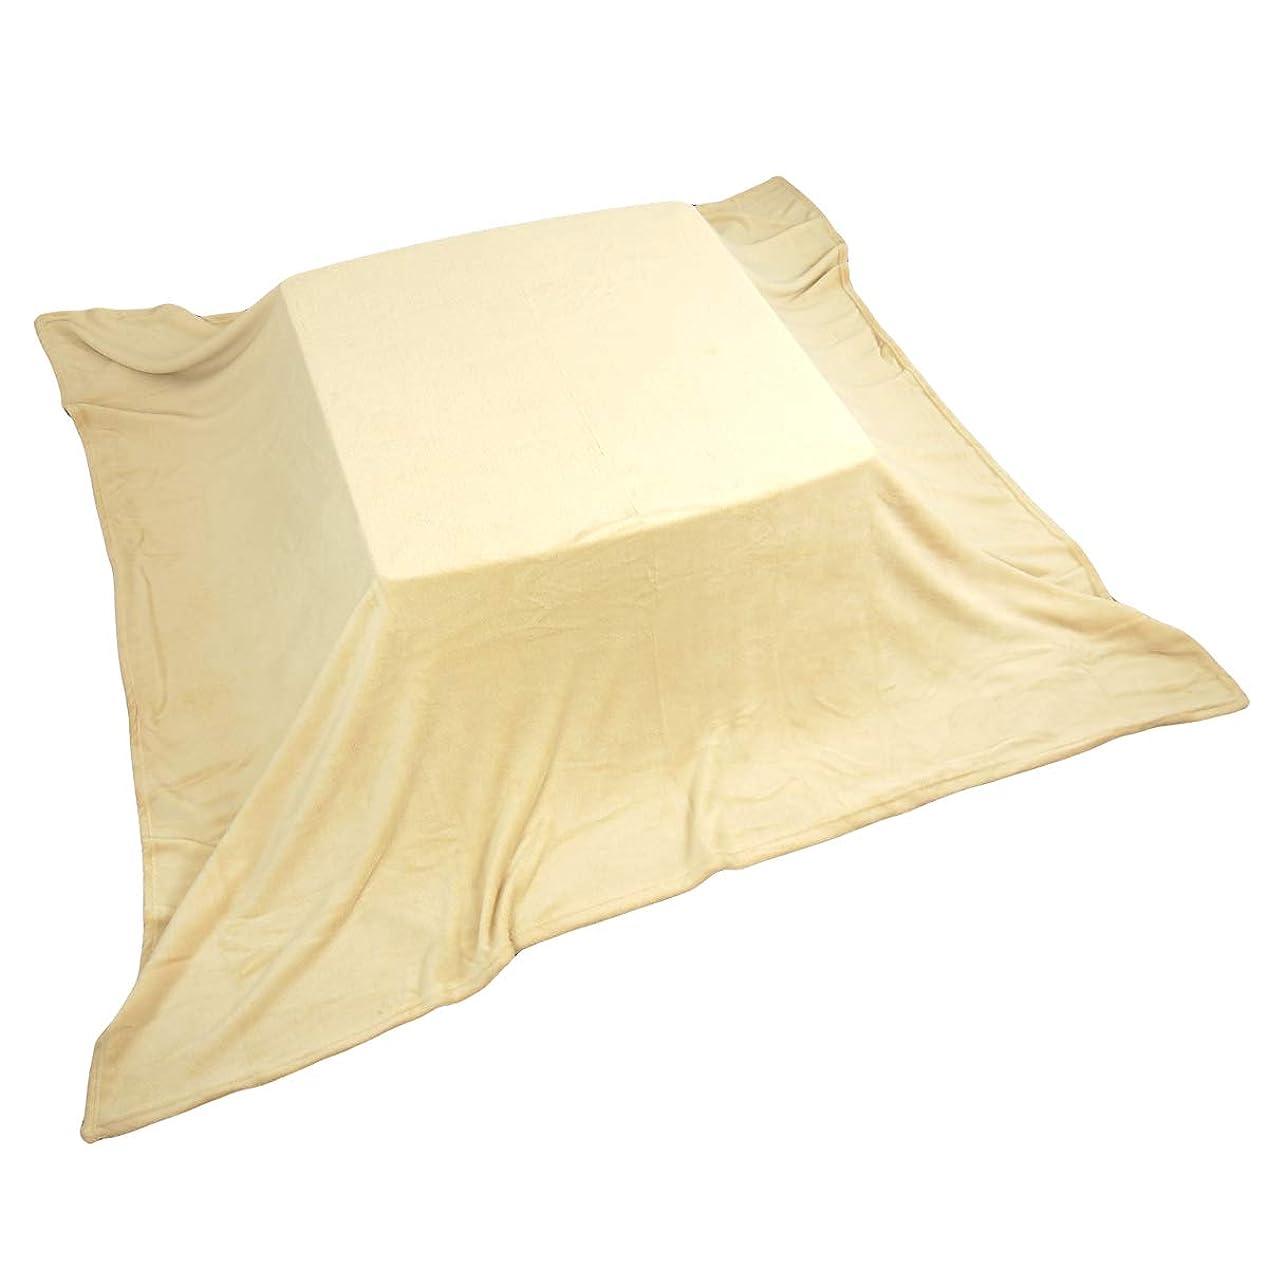 ベジタリアン浸したあいまいさこたつ中掛け毛布 マイクロファイバー素材 正方形 185×185cm マルチカバー こたつ ブランケット 毛布 こたつカバー こたつ上掛け (ベージュ)